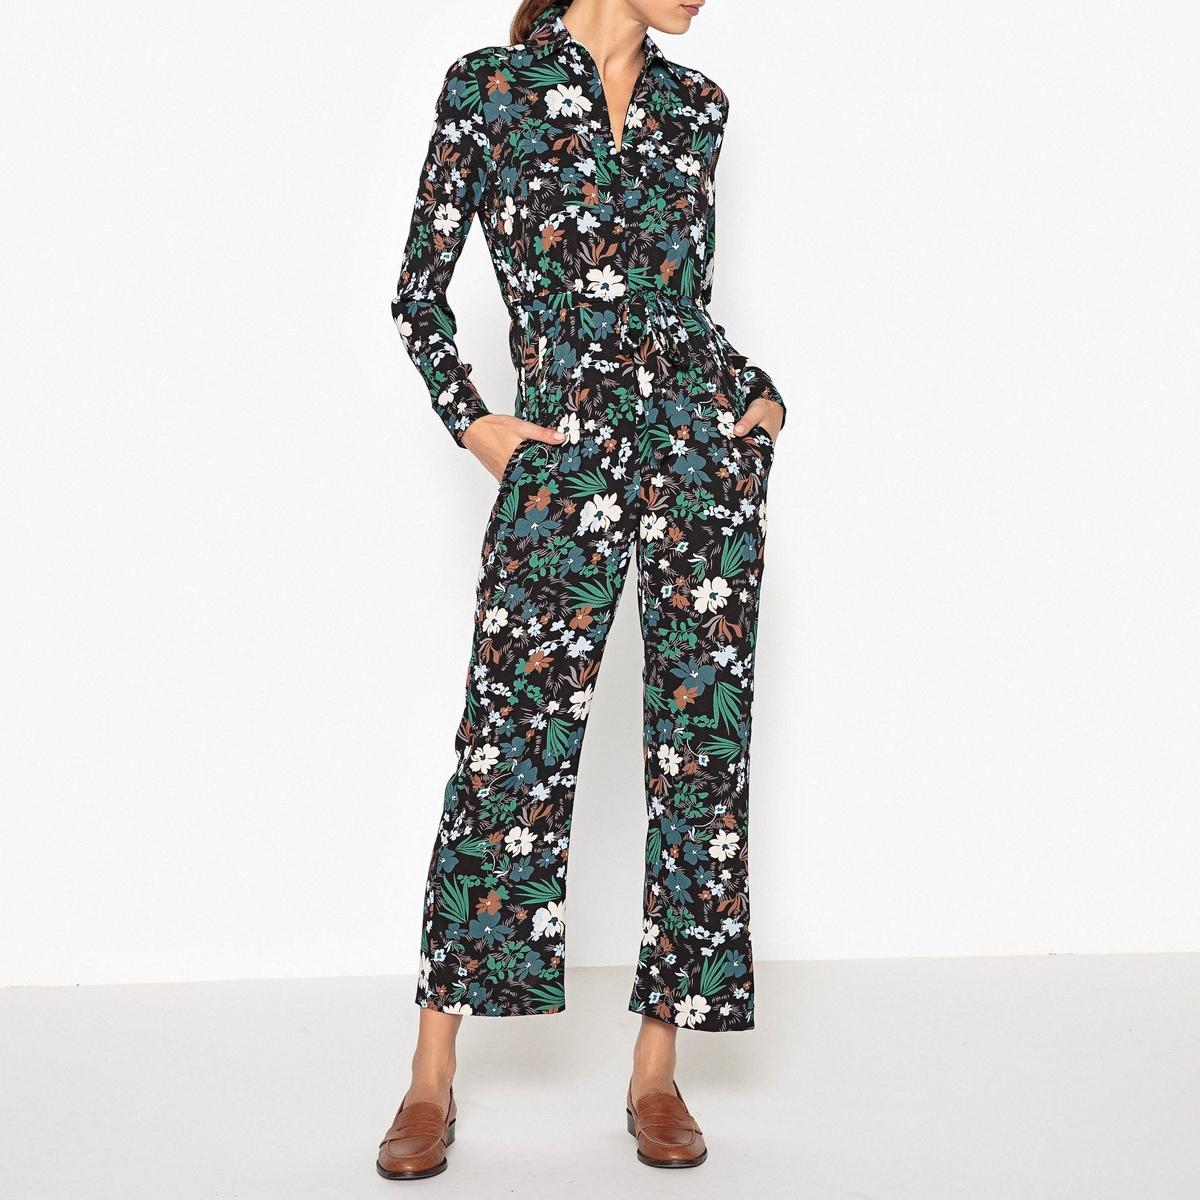 Комбинезон с брюками, с рисунком GAETANКомбинезон с брюками с длинными рукавами TOUPY - модель GAETAN с завязкой на поясе, широкого покроя, из ткани с рисунком. Детали •  Прямой покрой •  Цветочный рисунок  Состав и уход •  3% эластана, 97% полиэстера •  Следуйте советам по уходу, указанным на этикетке •  Воротник классический со свободными краями •  Низ рукавов прямой<br><br>Цвет: цветочный рисунок